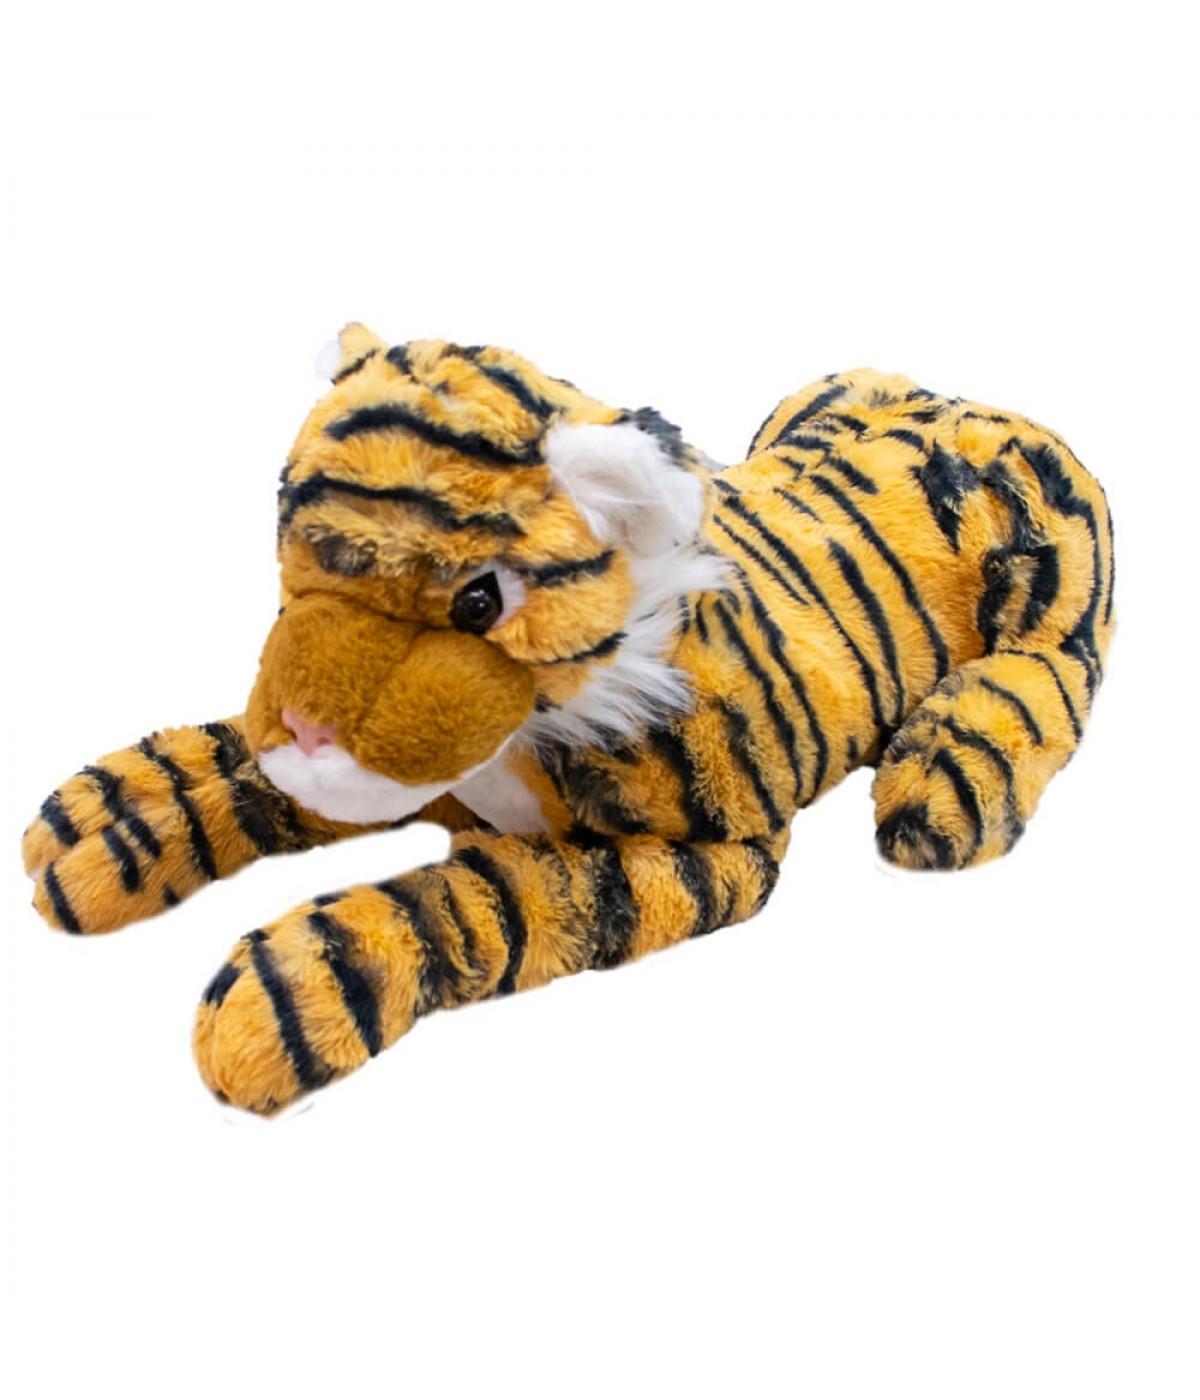 Tigre Deitado 53cm - Pelúcia